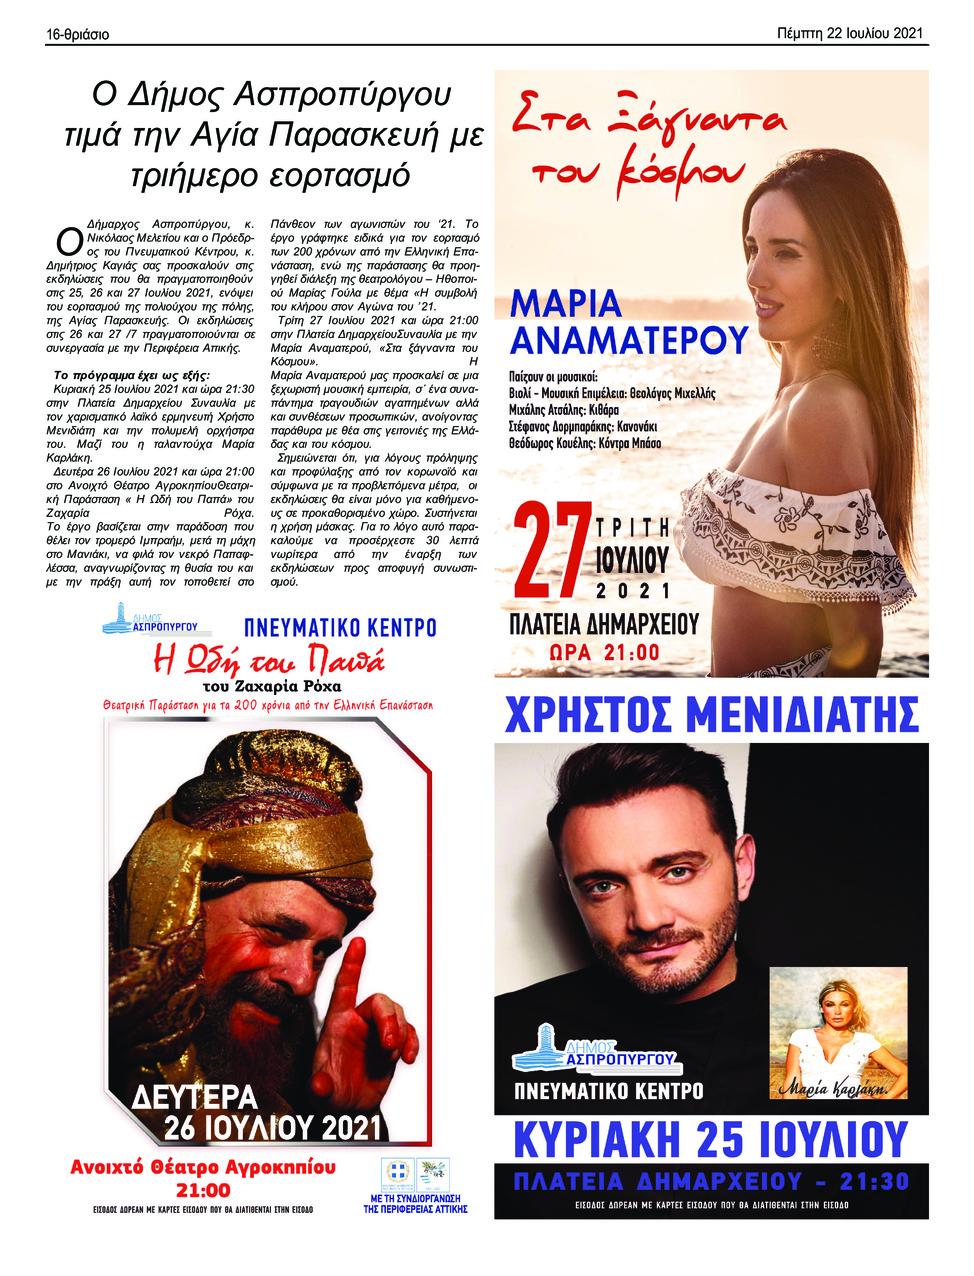 Οπισθόφυλλο εφημερίδας Θριάσιο